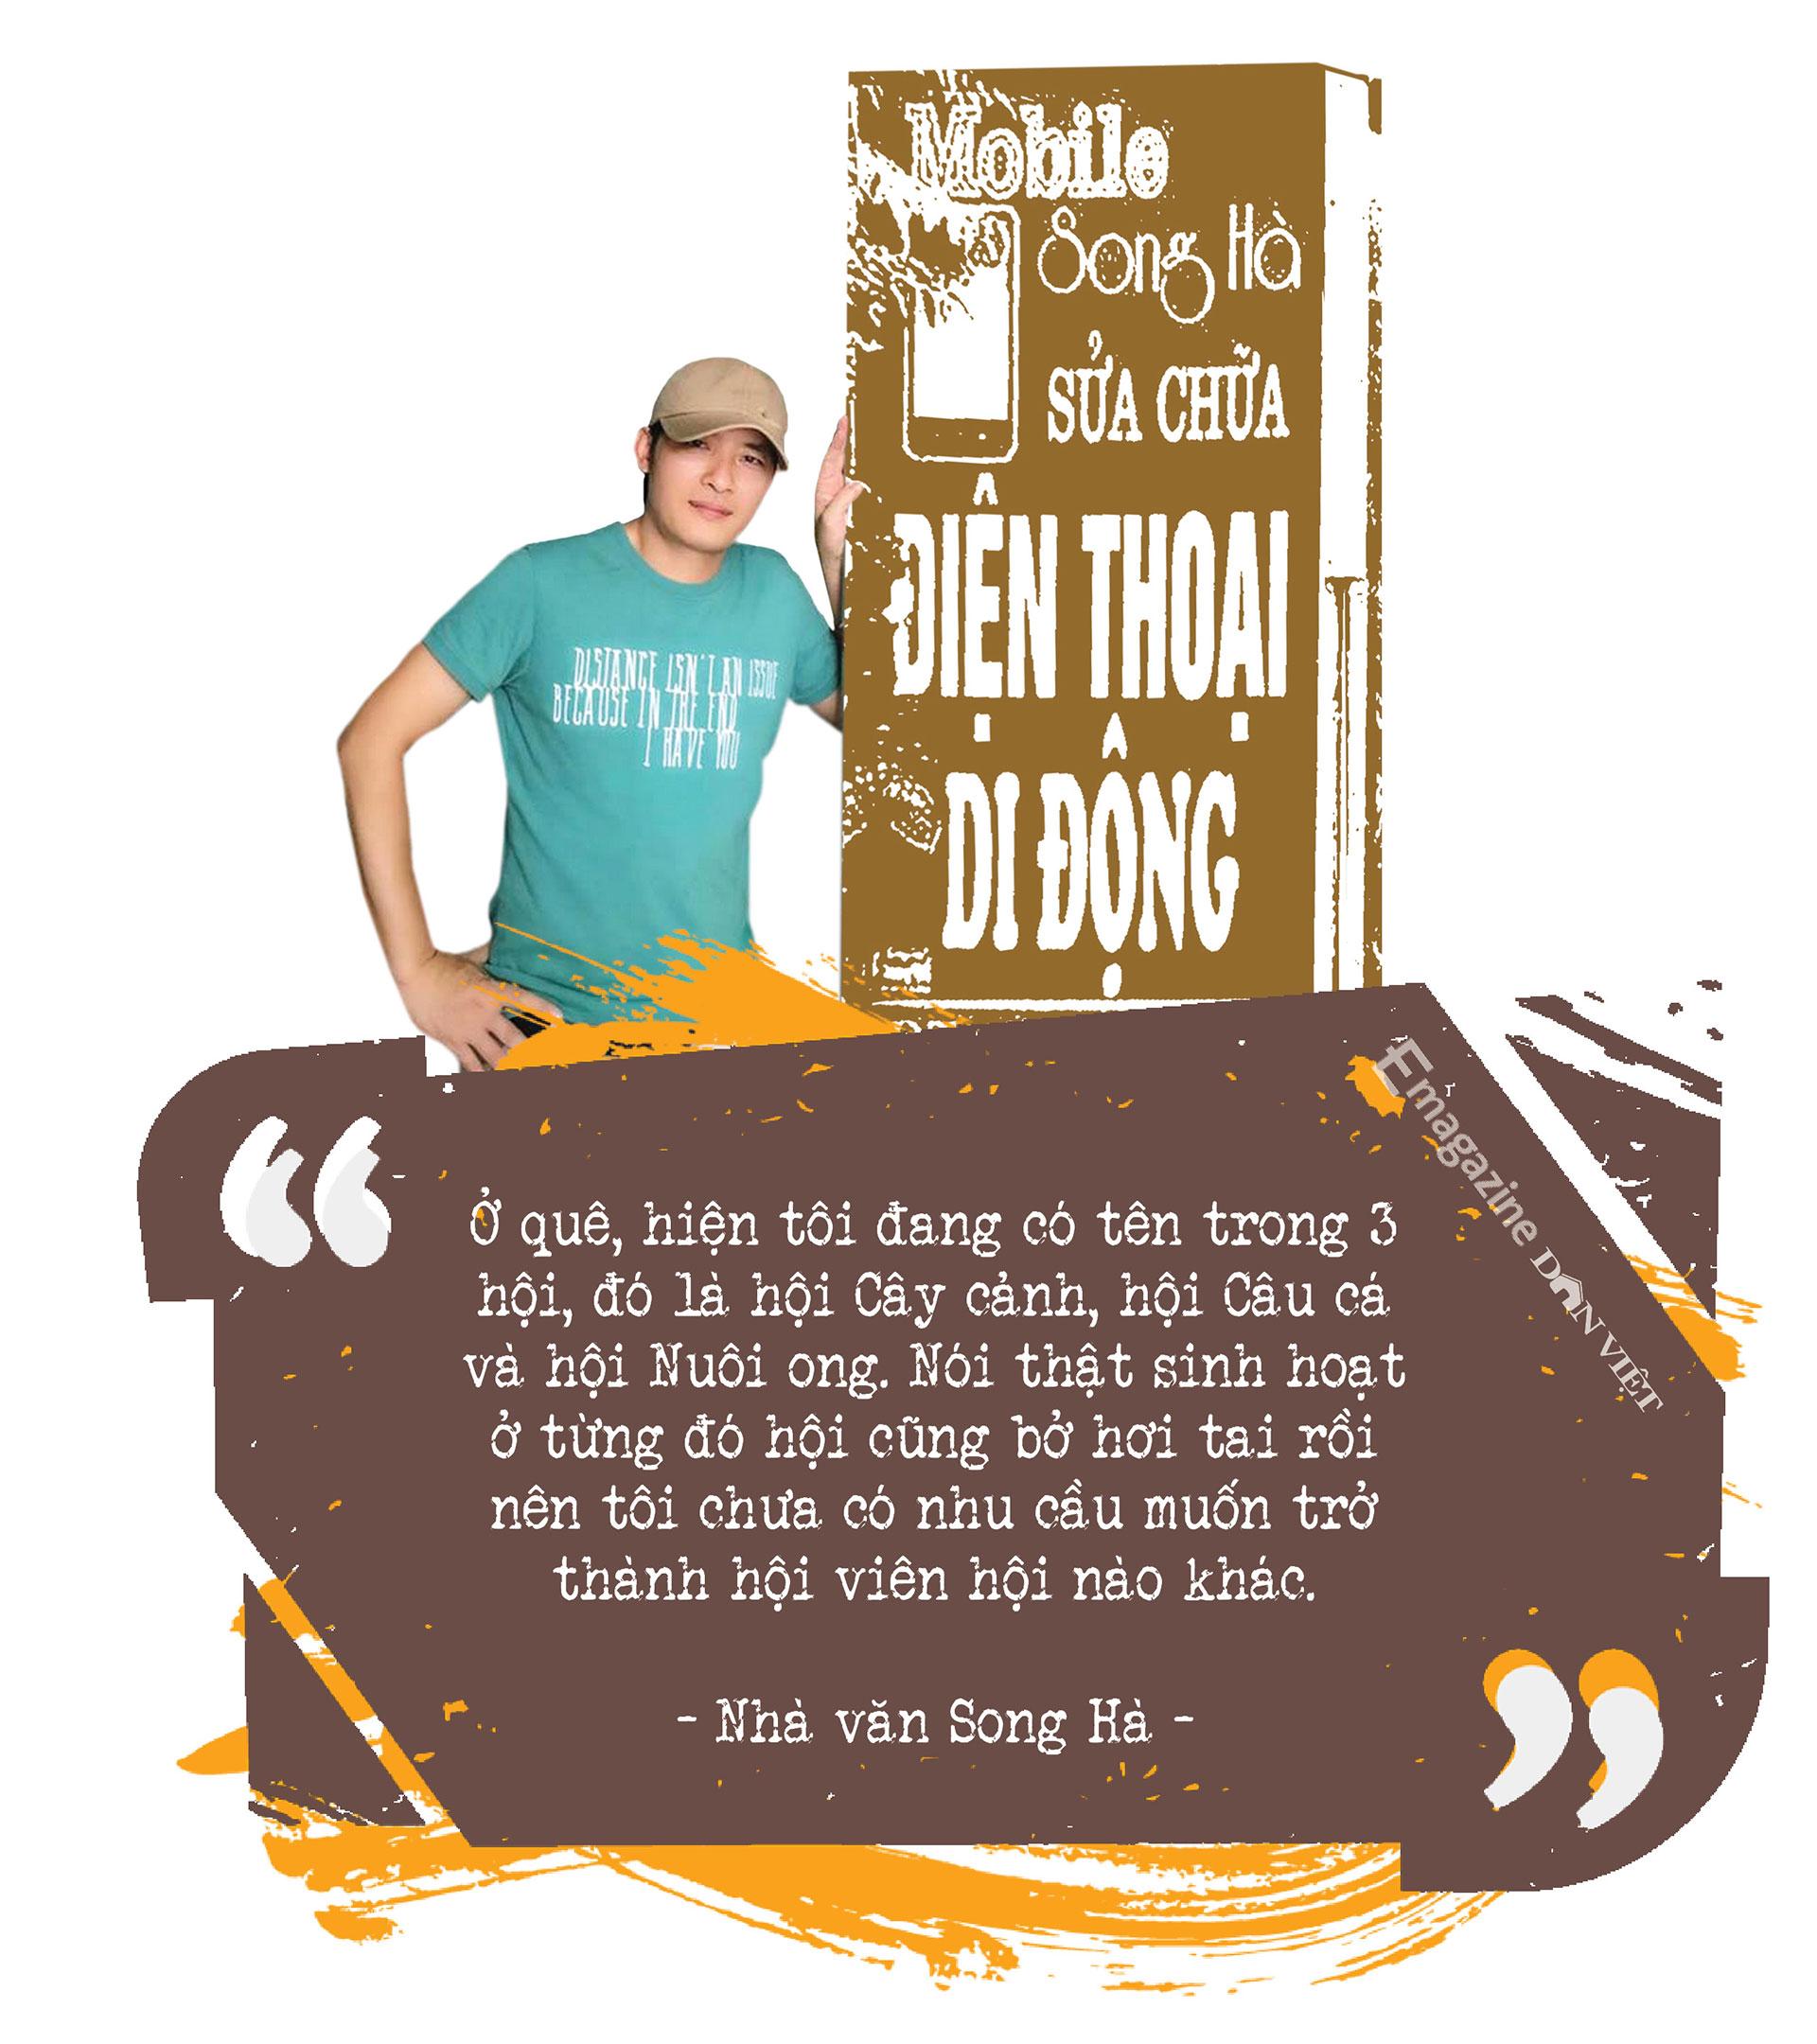 Cây bút văn học mạng Song Hà: Mảng đề tài đa cấp, đòi nợ… tôi viết dễ như thò tay vào túi lấy kẹo - Ảnh 19.